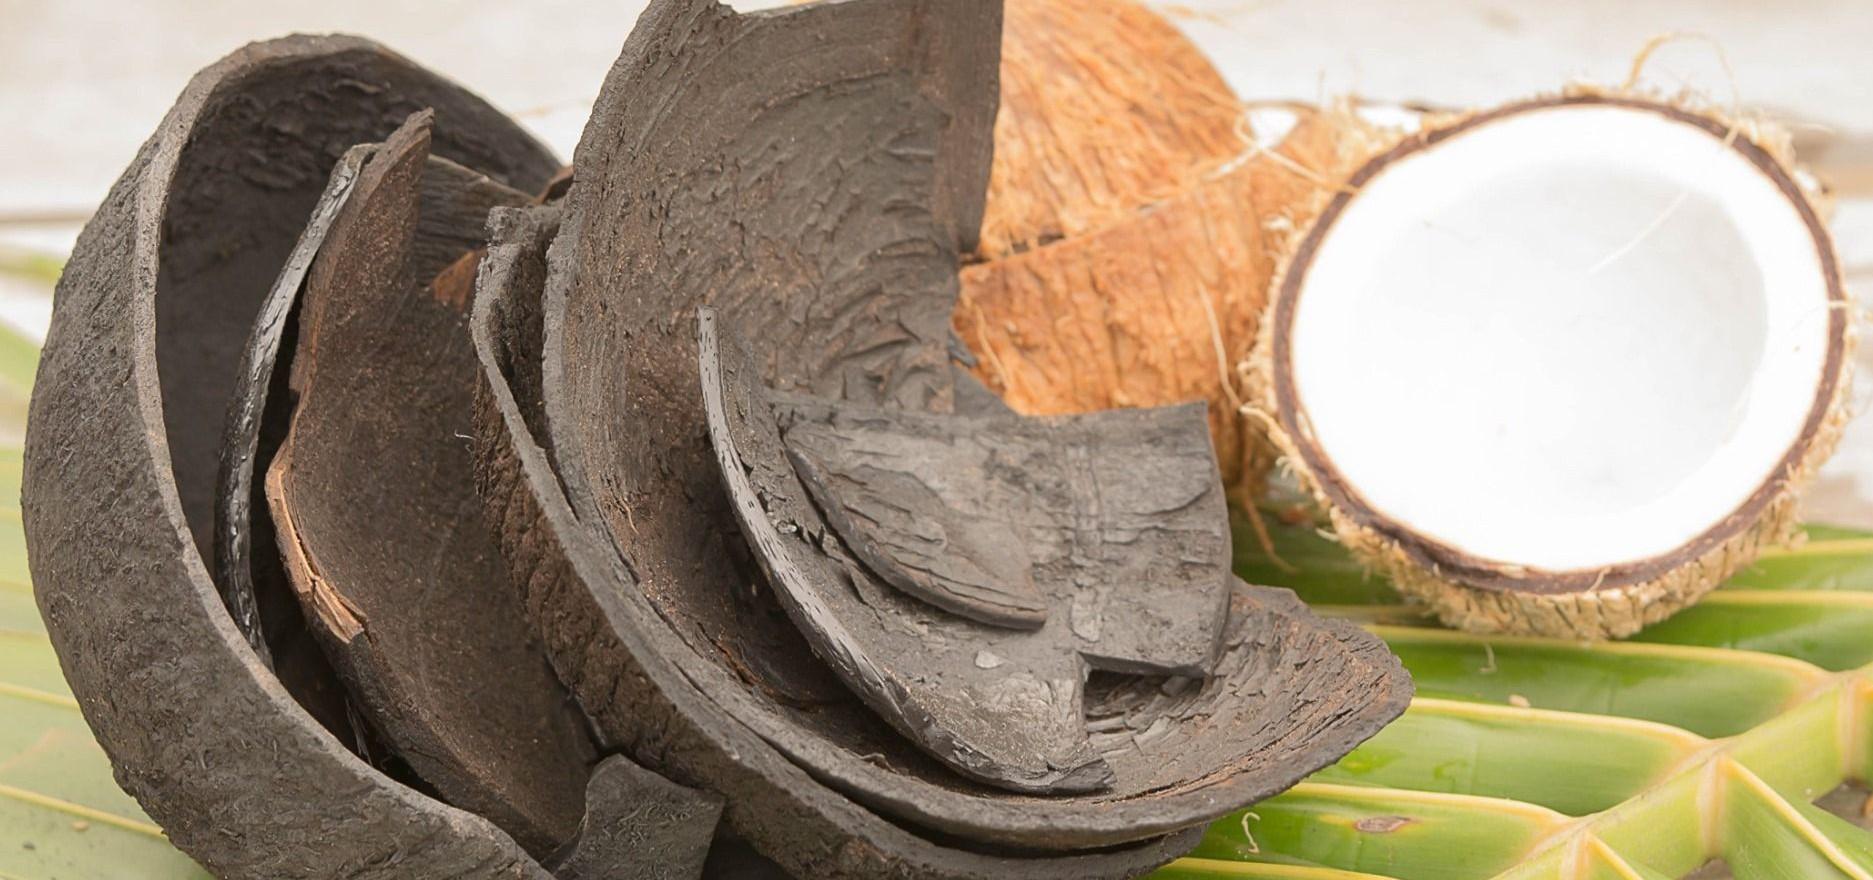 Aktivkohle Kapseln Kokosnussschalen